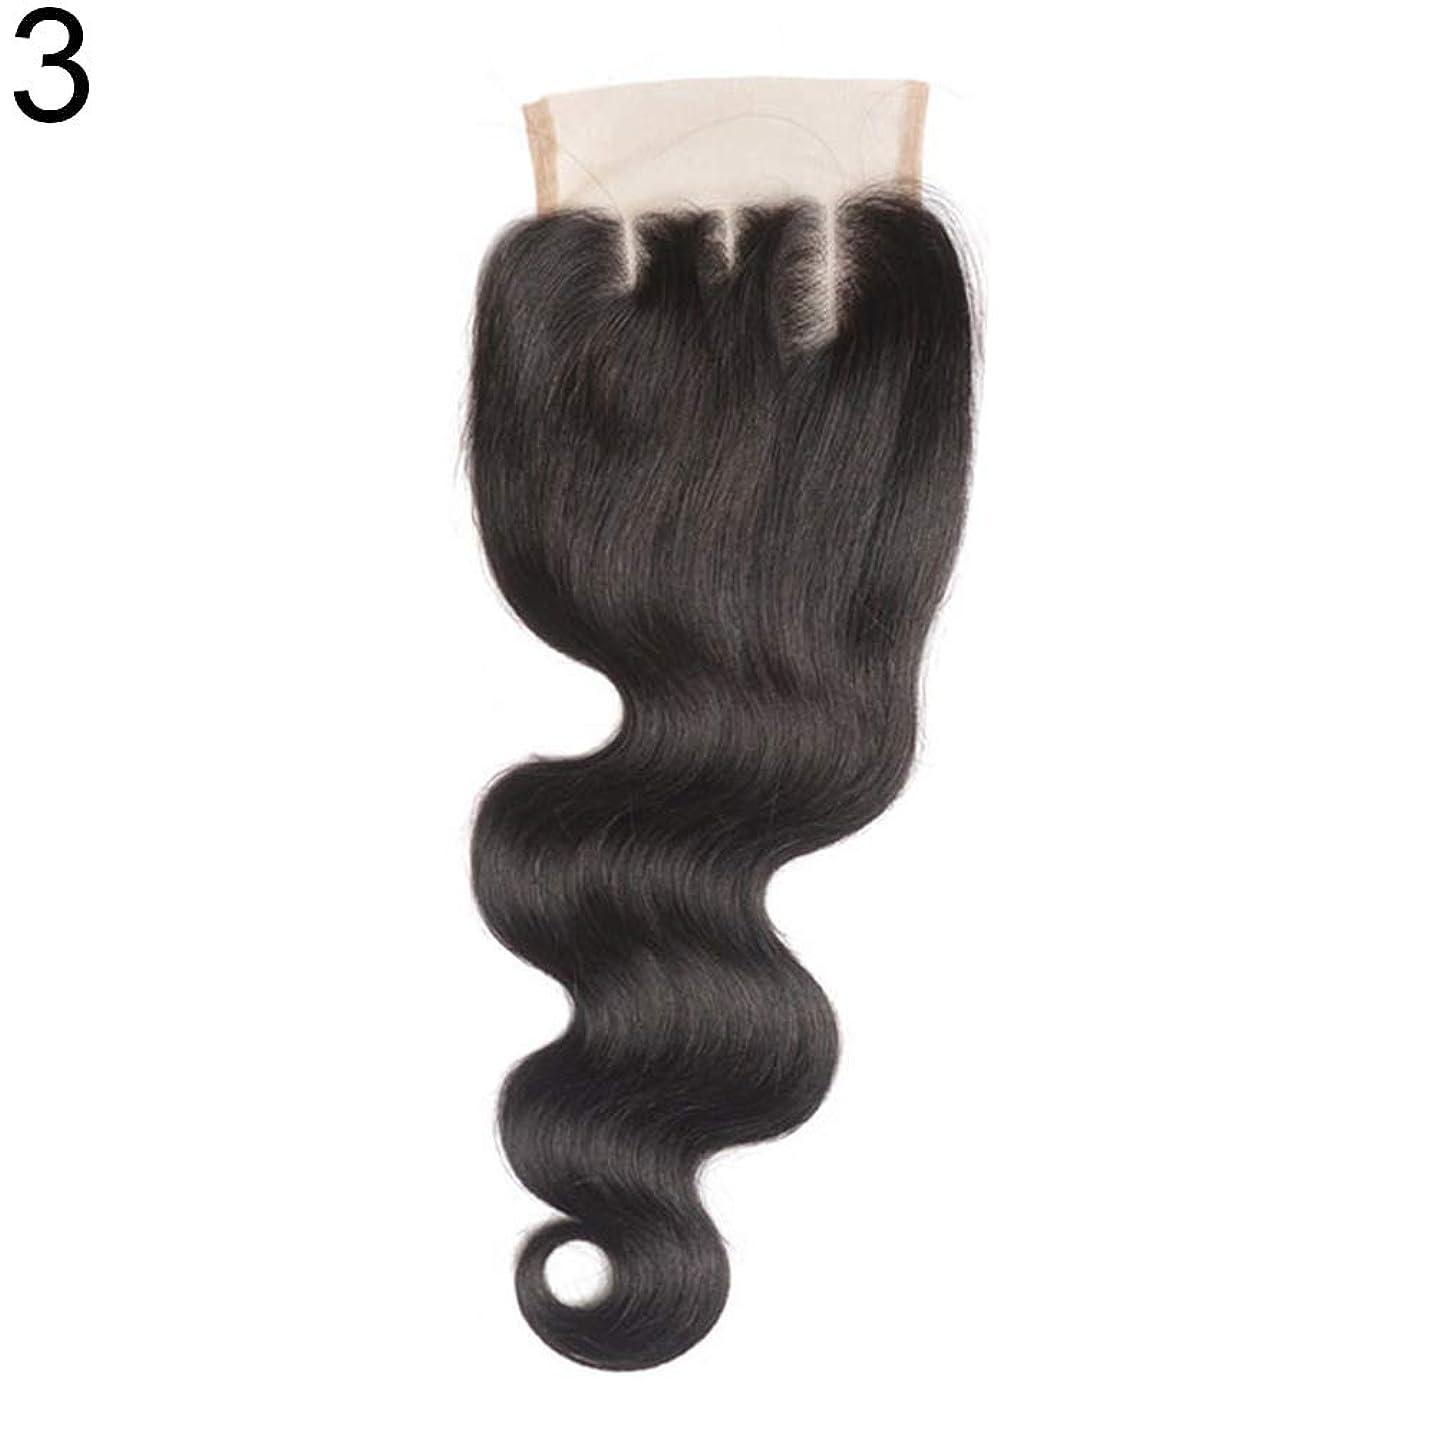 キャメル結婚したマットレスslQinjiansav女性ウィッグ修理ツールブラジルのミドル/フリー/3部人間の髪のレース閉鎖ウィッグ黒ヘアピース